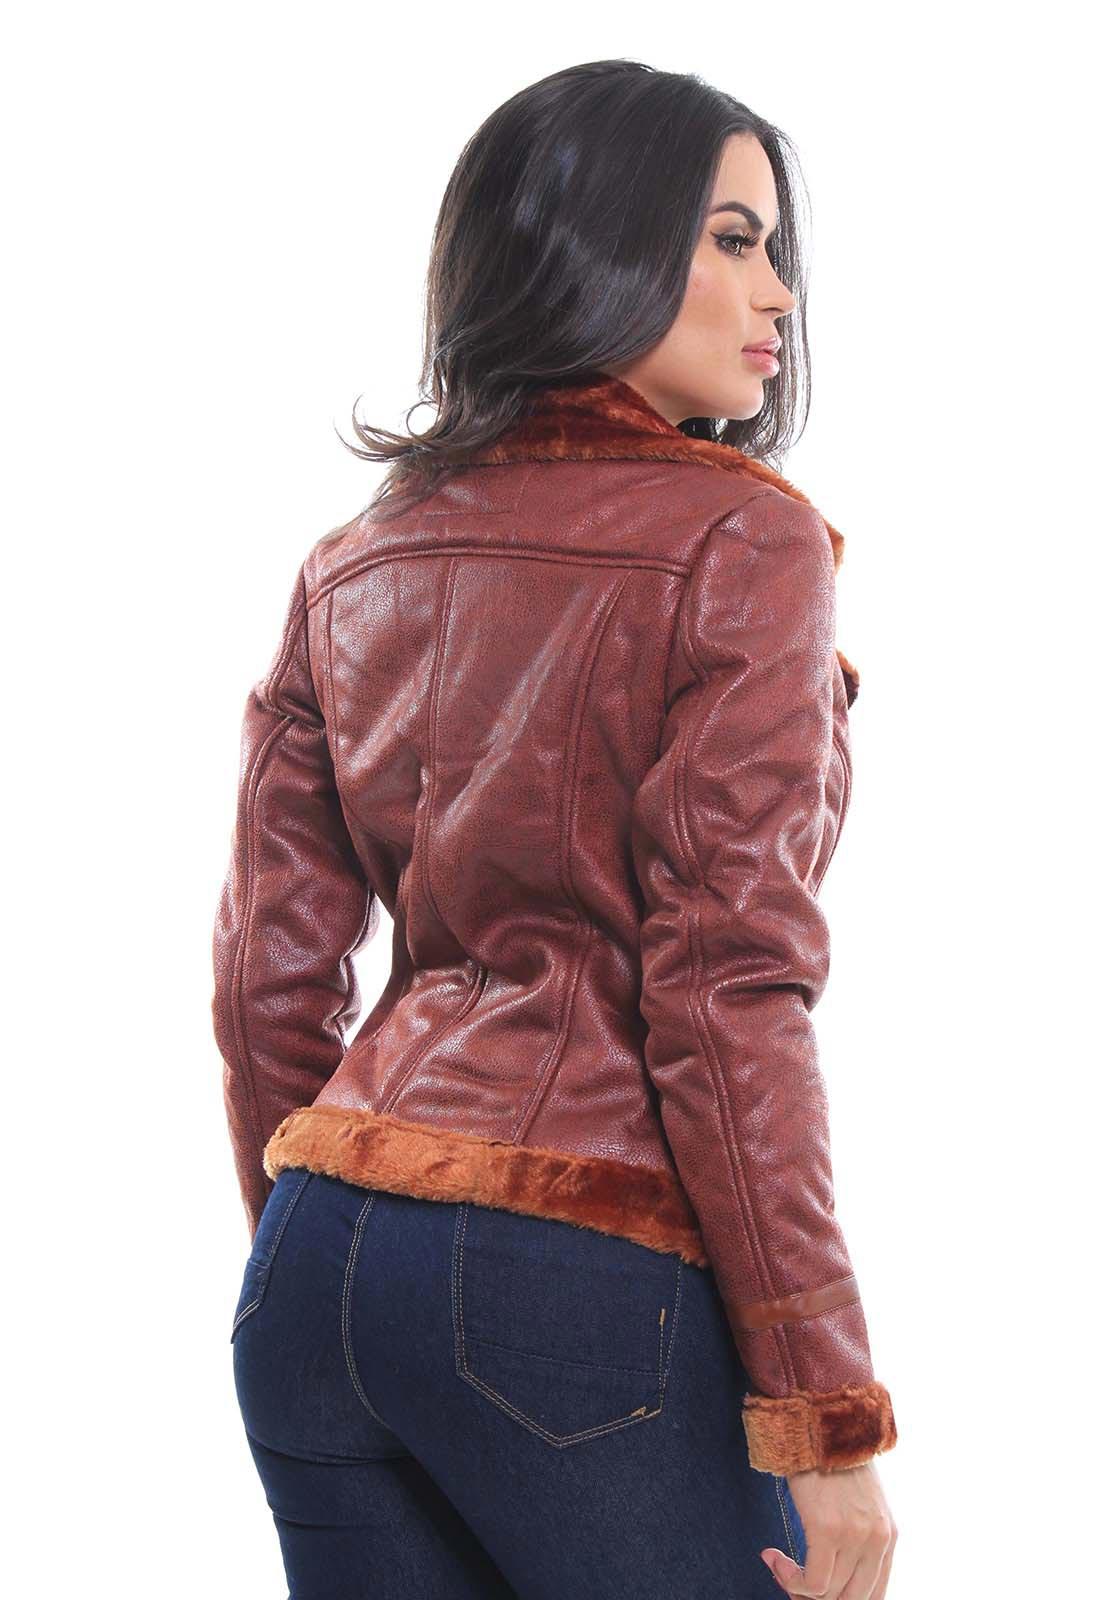 Jaqueta Feminina Crocker - 45054  - CROCKER JEANS